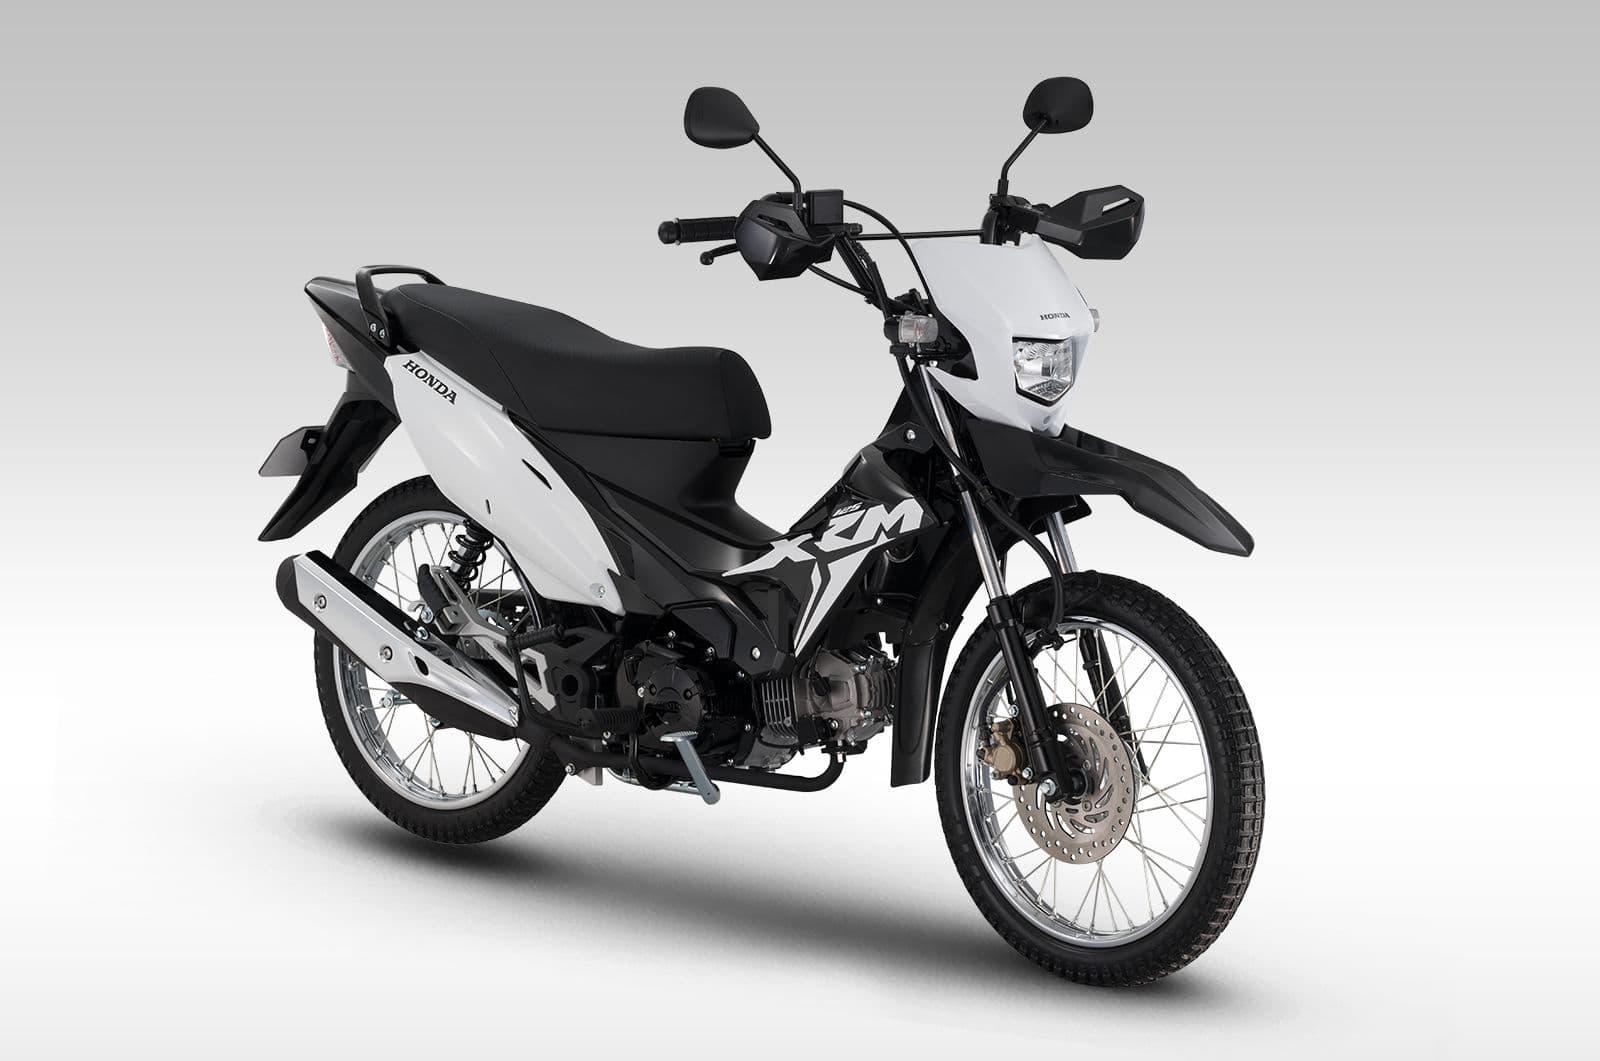 Motortrade | Philippine's Best Motorcycle Dealer | HONDA